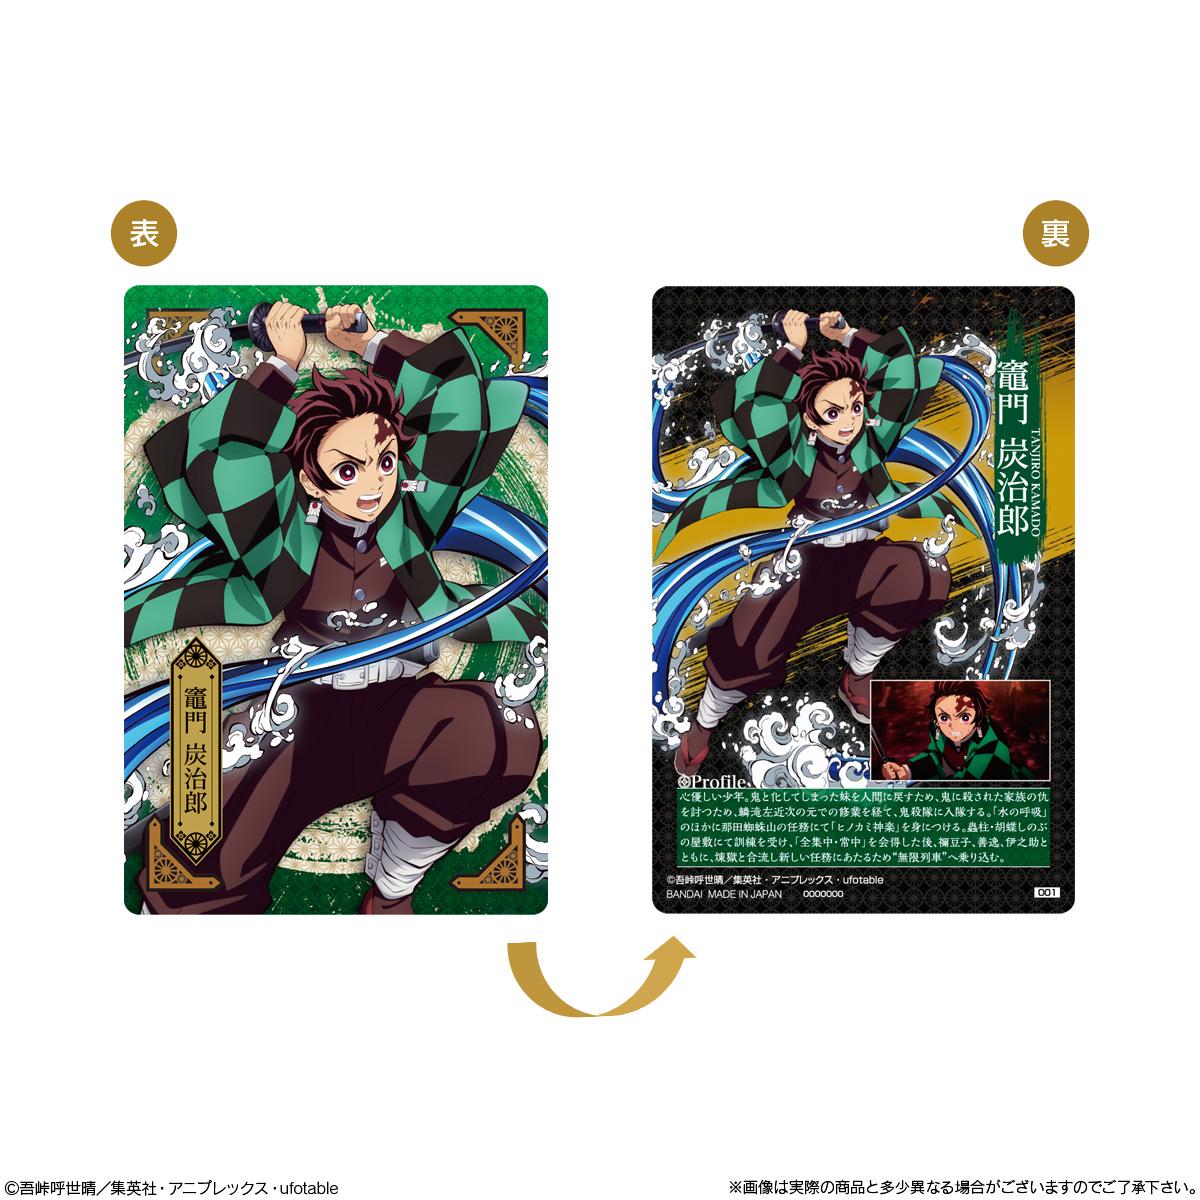 【食玩】鬼滅の刃『鬼滅の刃ウエハース4』20個入りBOX-002